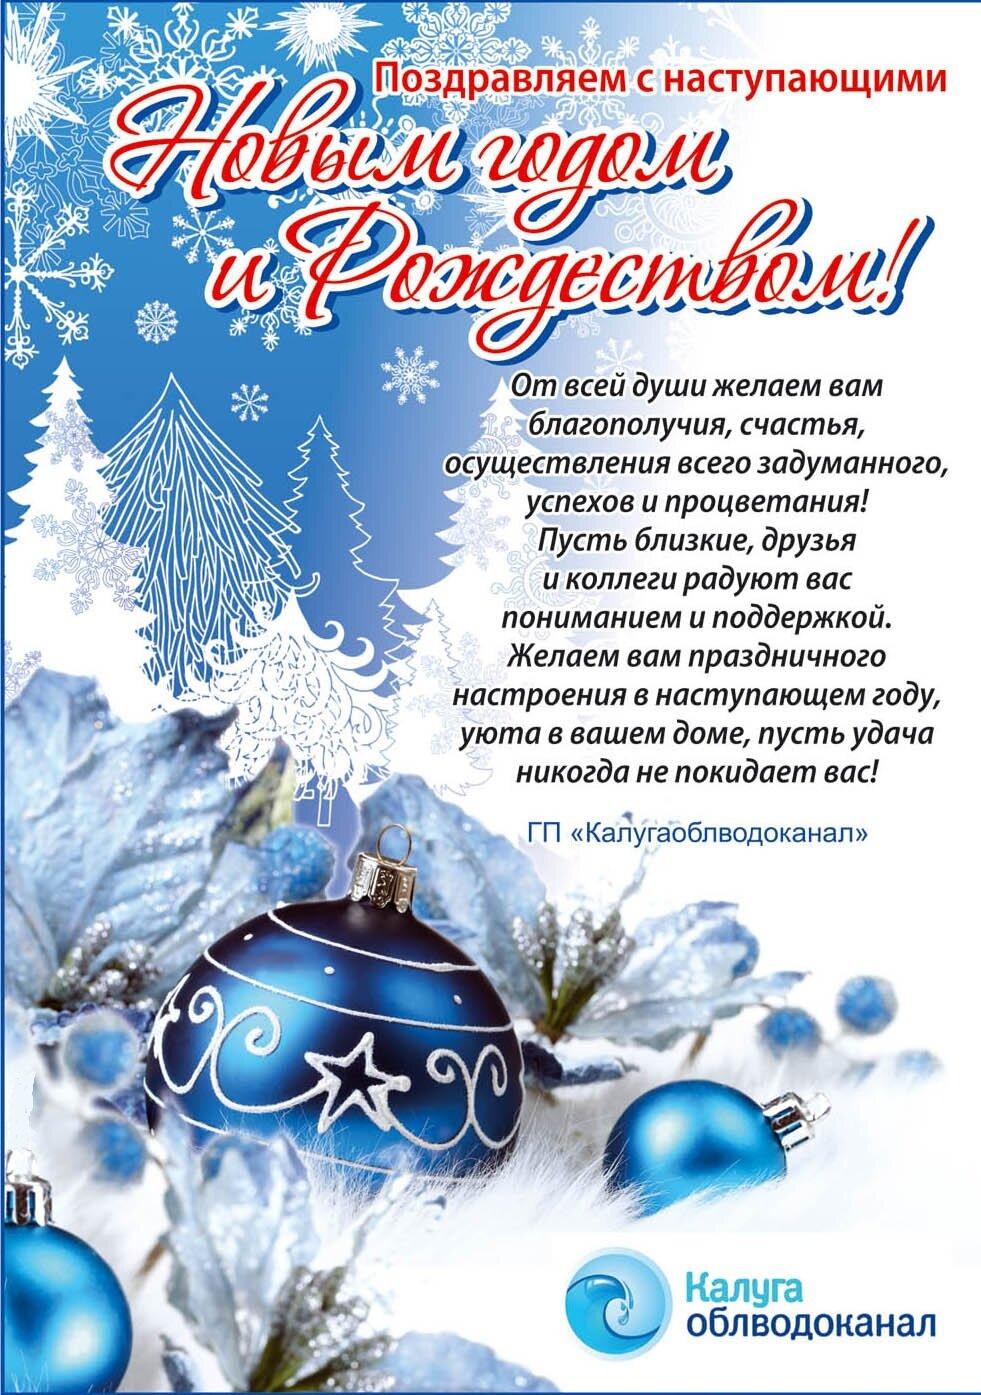 Открытка поздравления с новым годом и рождеством 2019